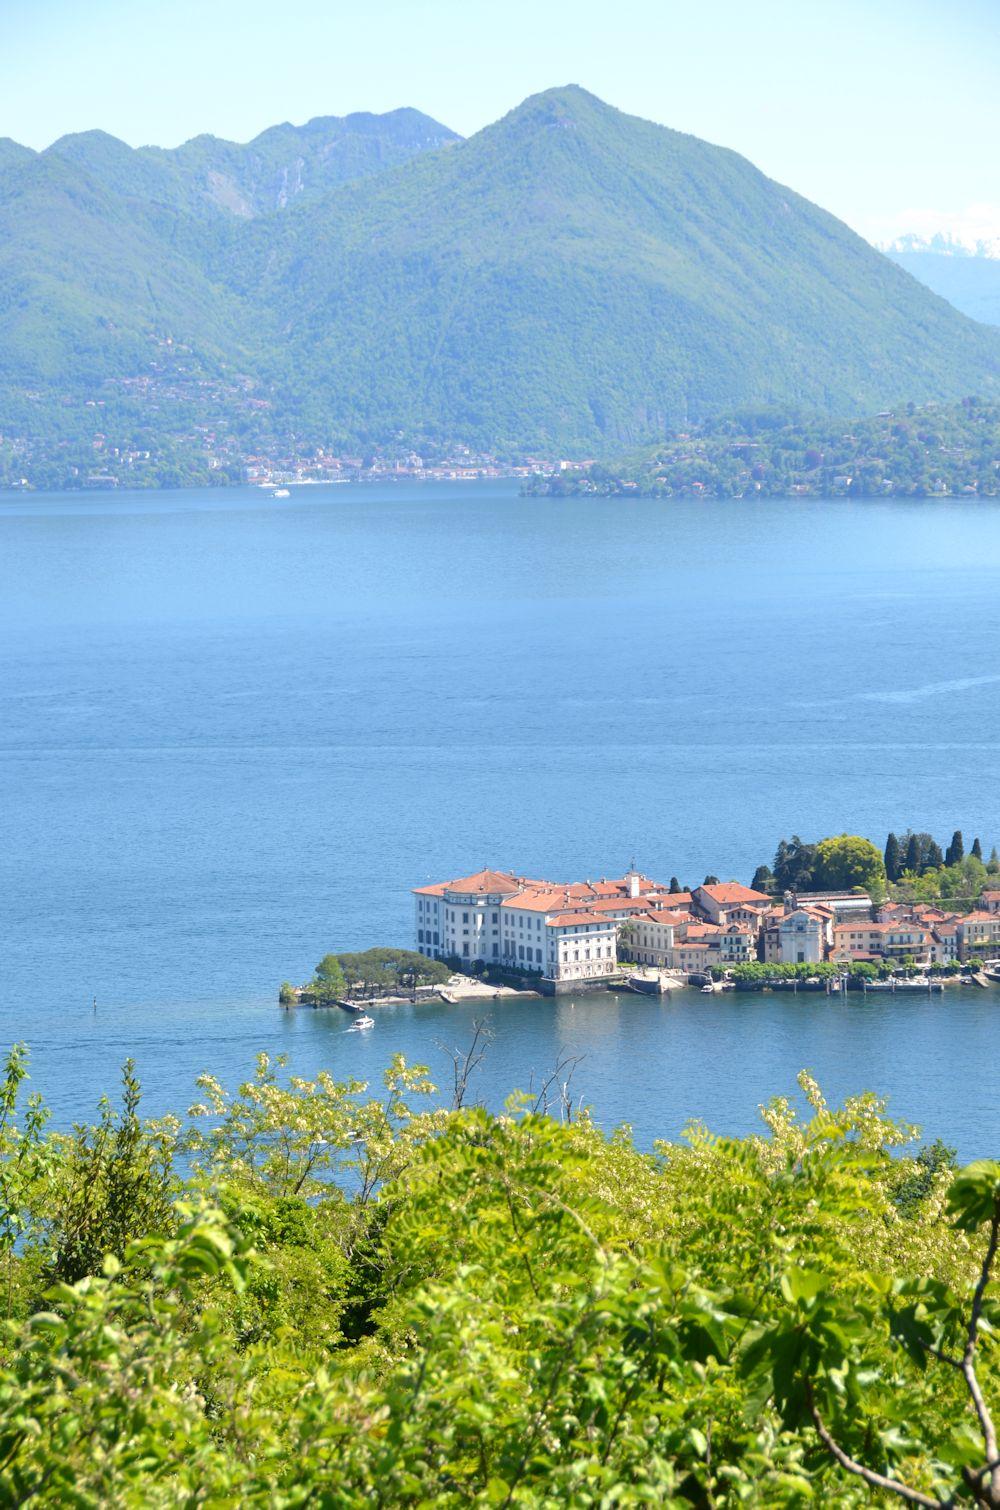 Vacances au Lac Majeur en Italie